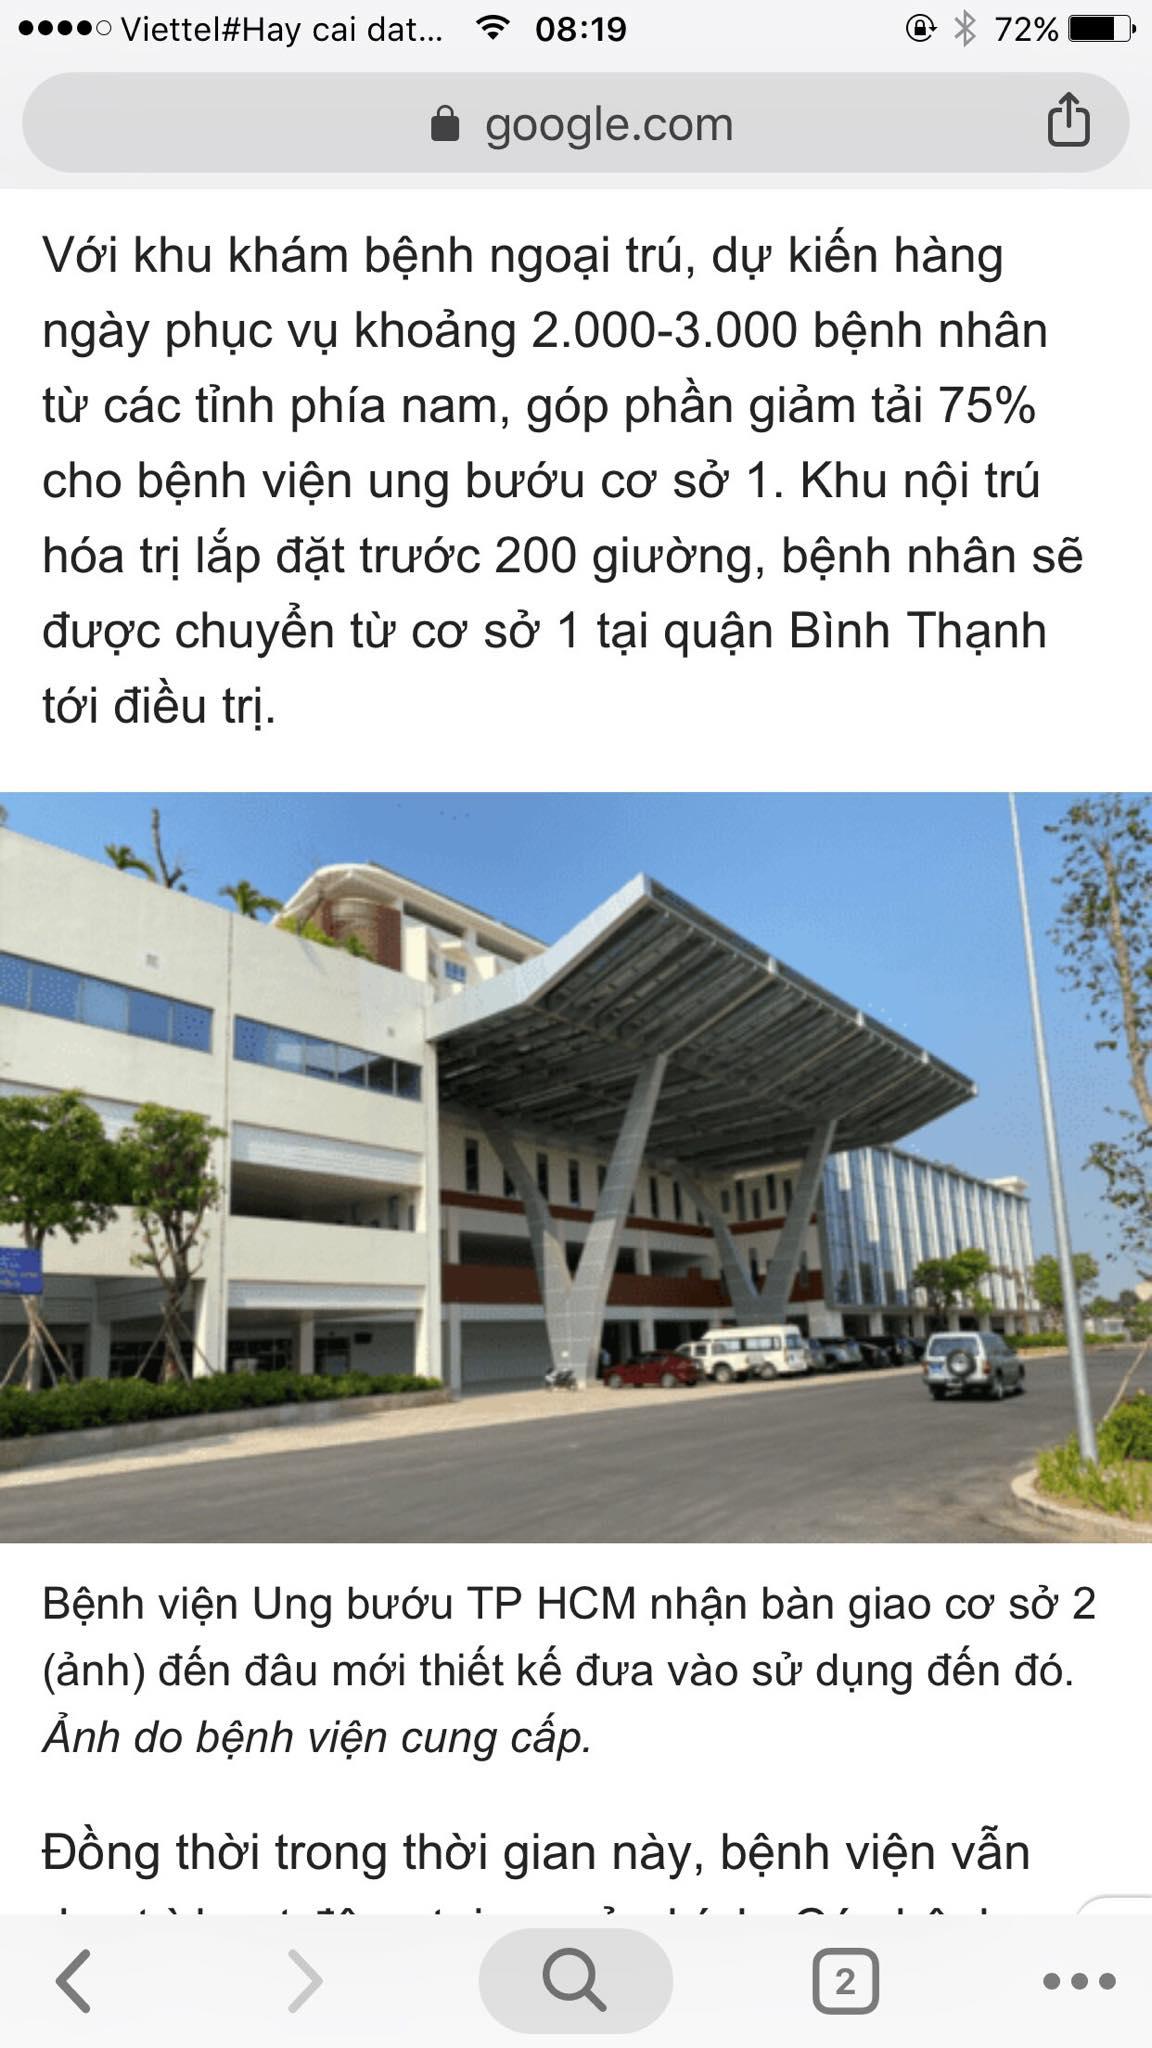 Cần Bán Gấp Lô Đất Kinh Doanh, Mặt Tiền Bệnh Viện Ung Bứu, Đường 400 Phường Tân Phú, Quận 9 10951904